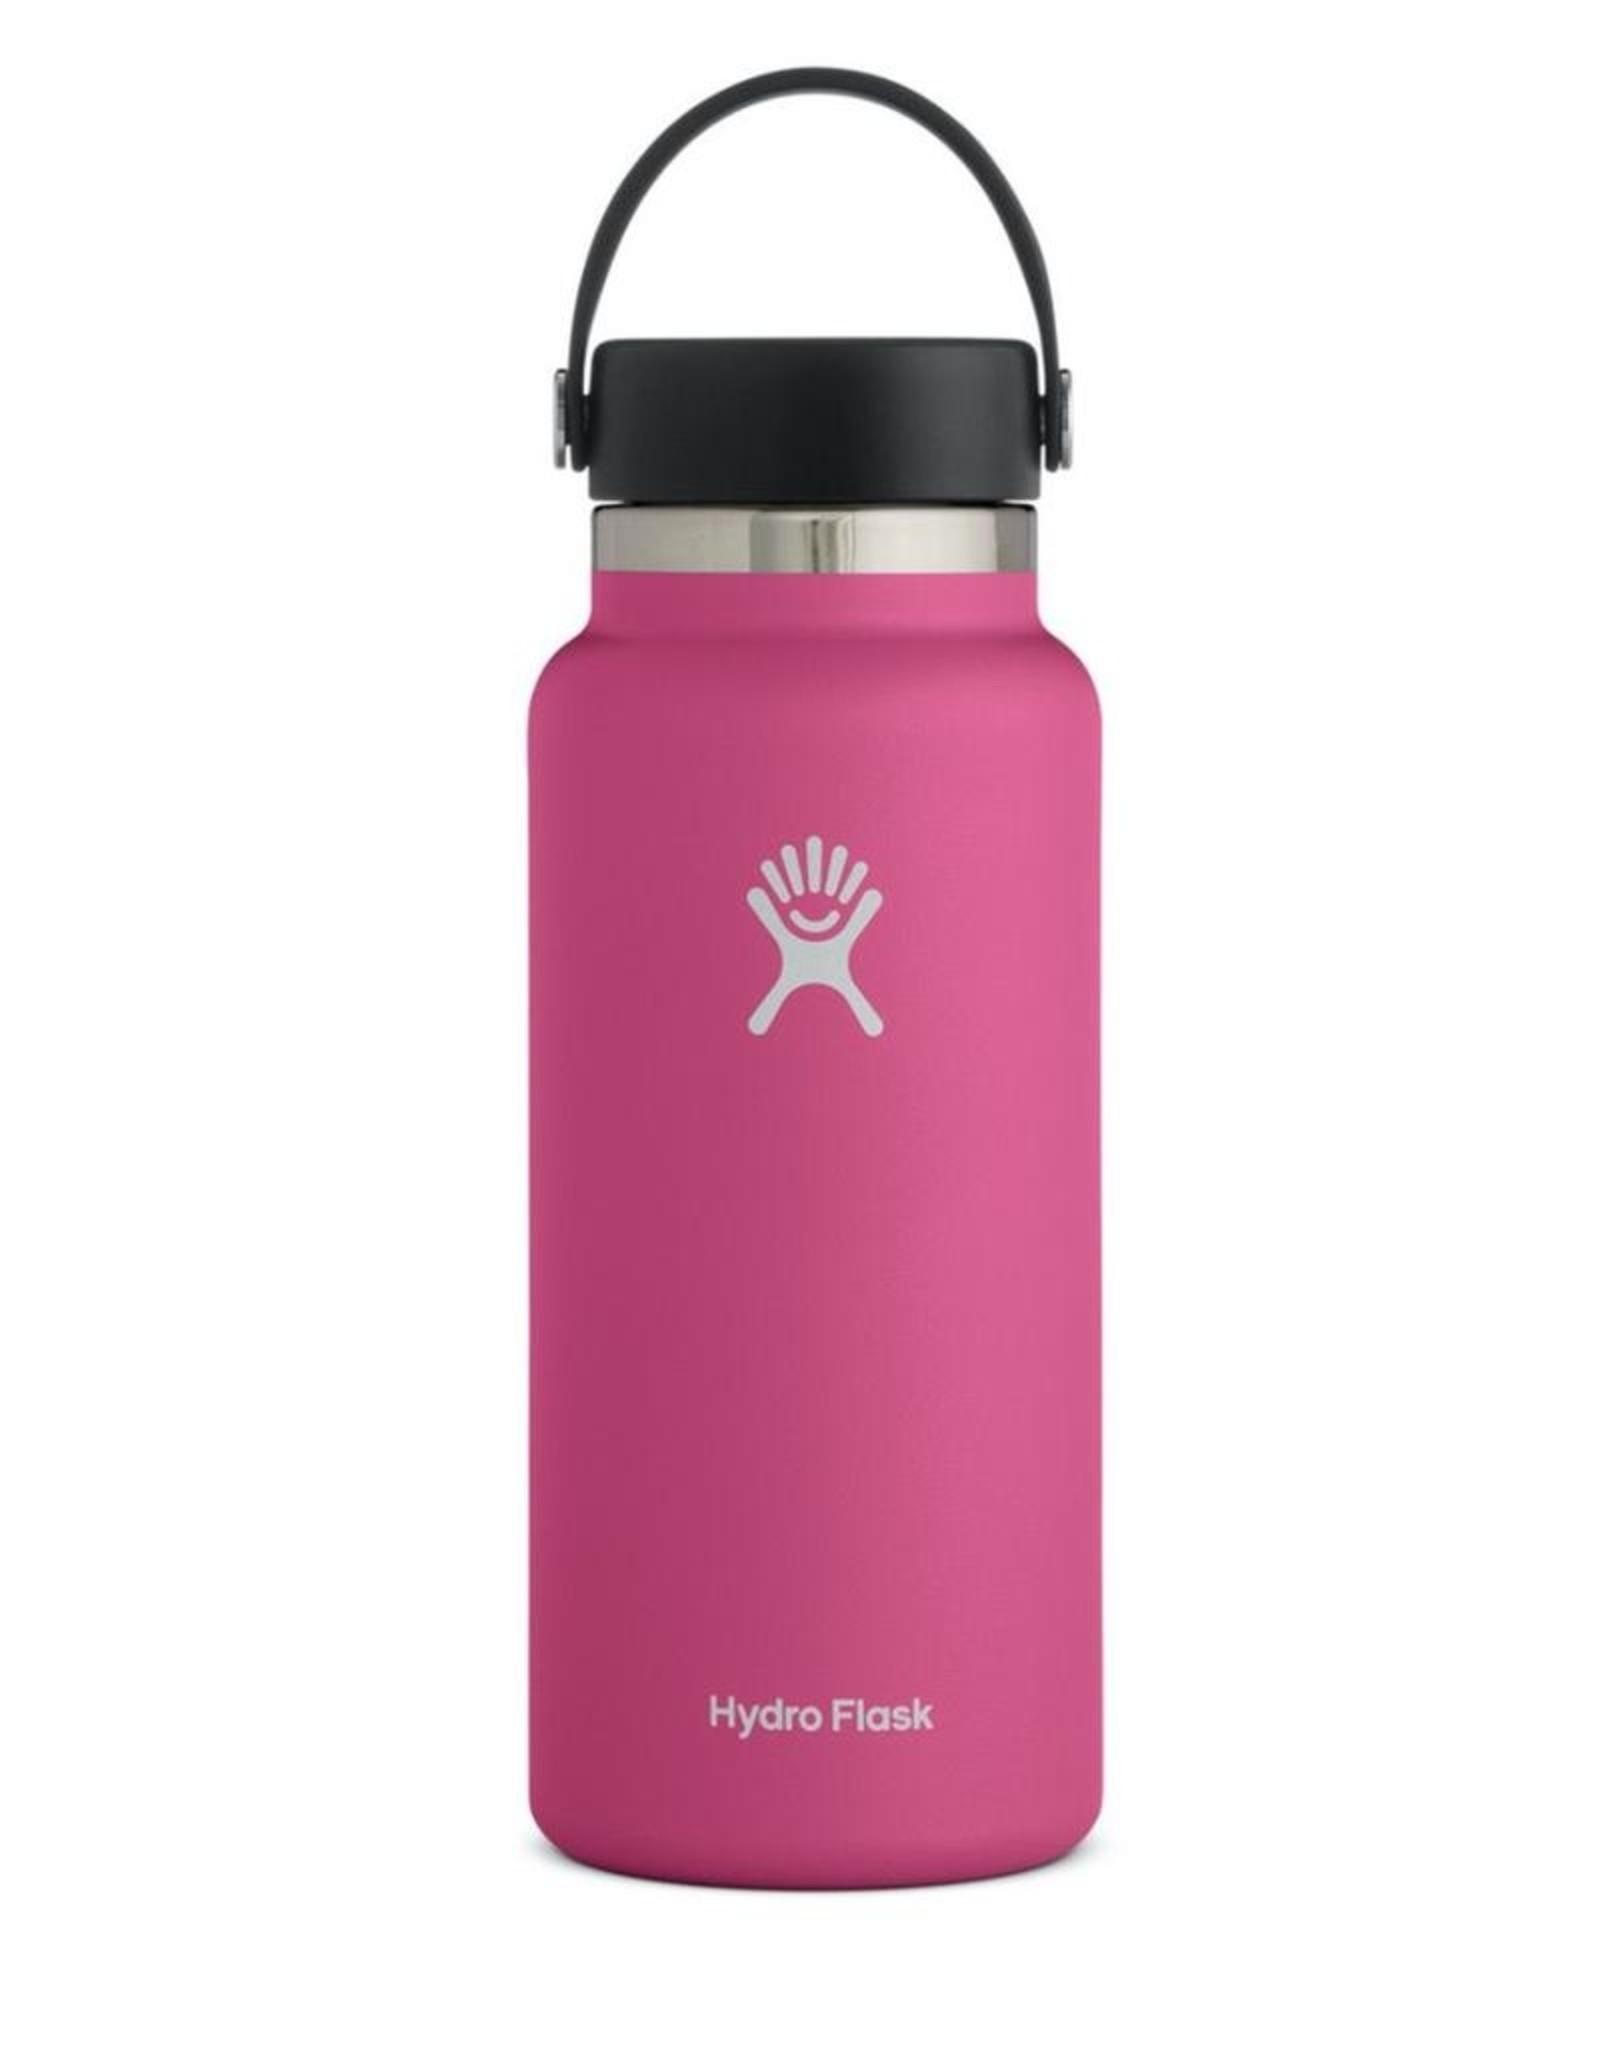 Hydro Flask 32 oz Wide Mouth Flex Cap Bottle in Carnation